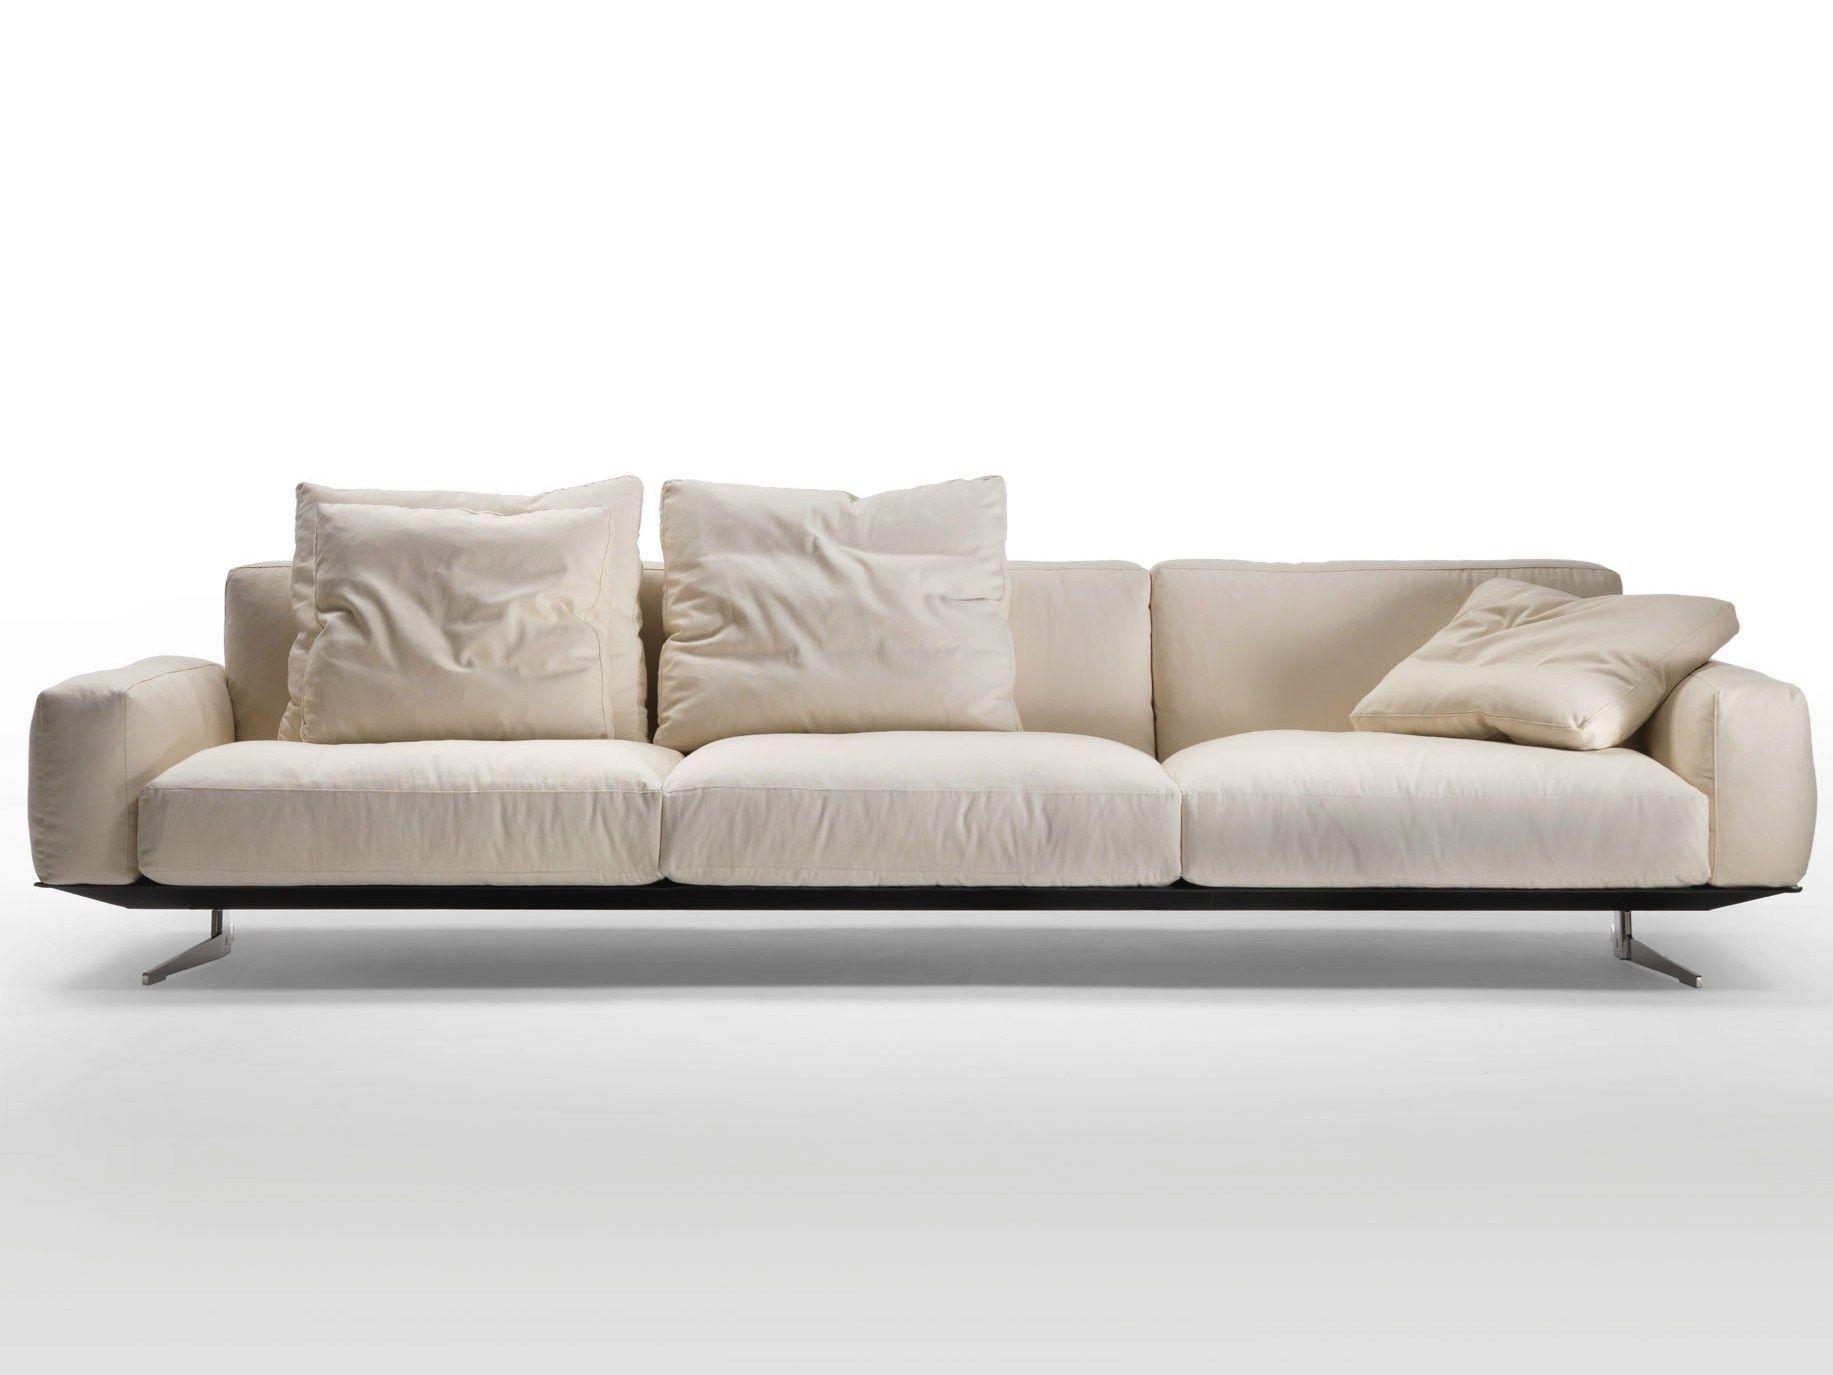 Amazing FLEXFORM Soft Dream Sofa Via Fanuli